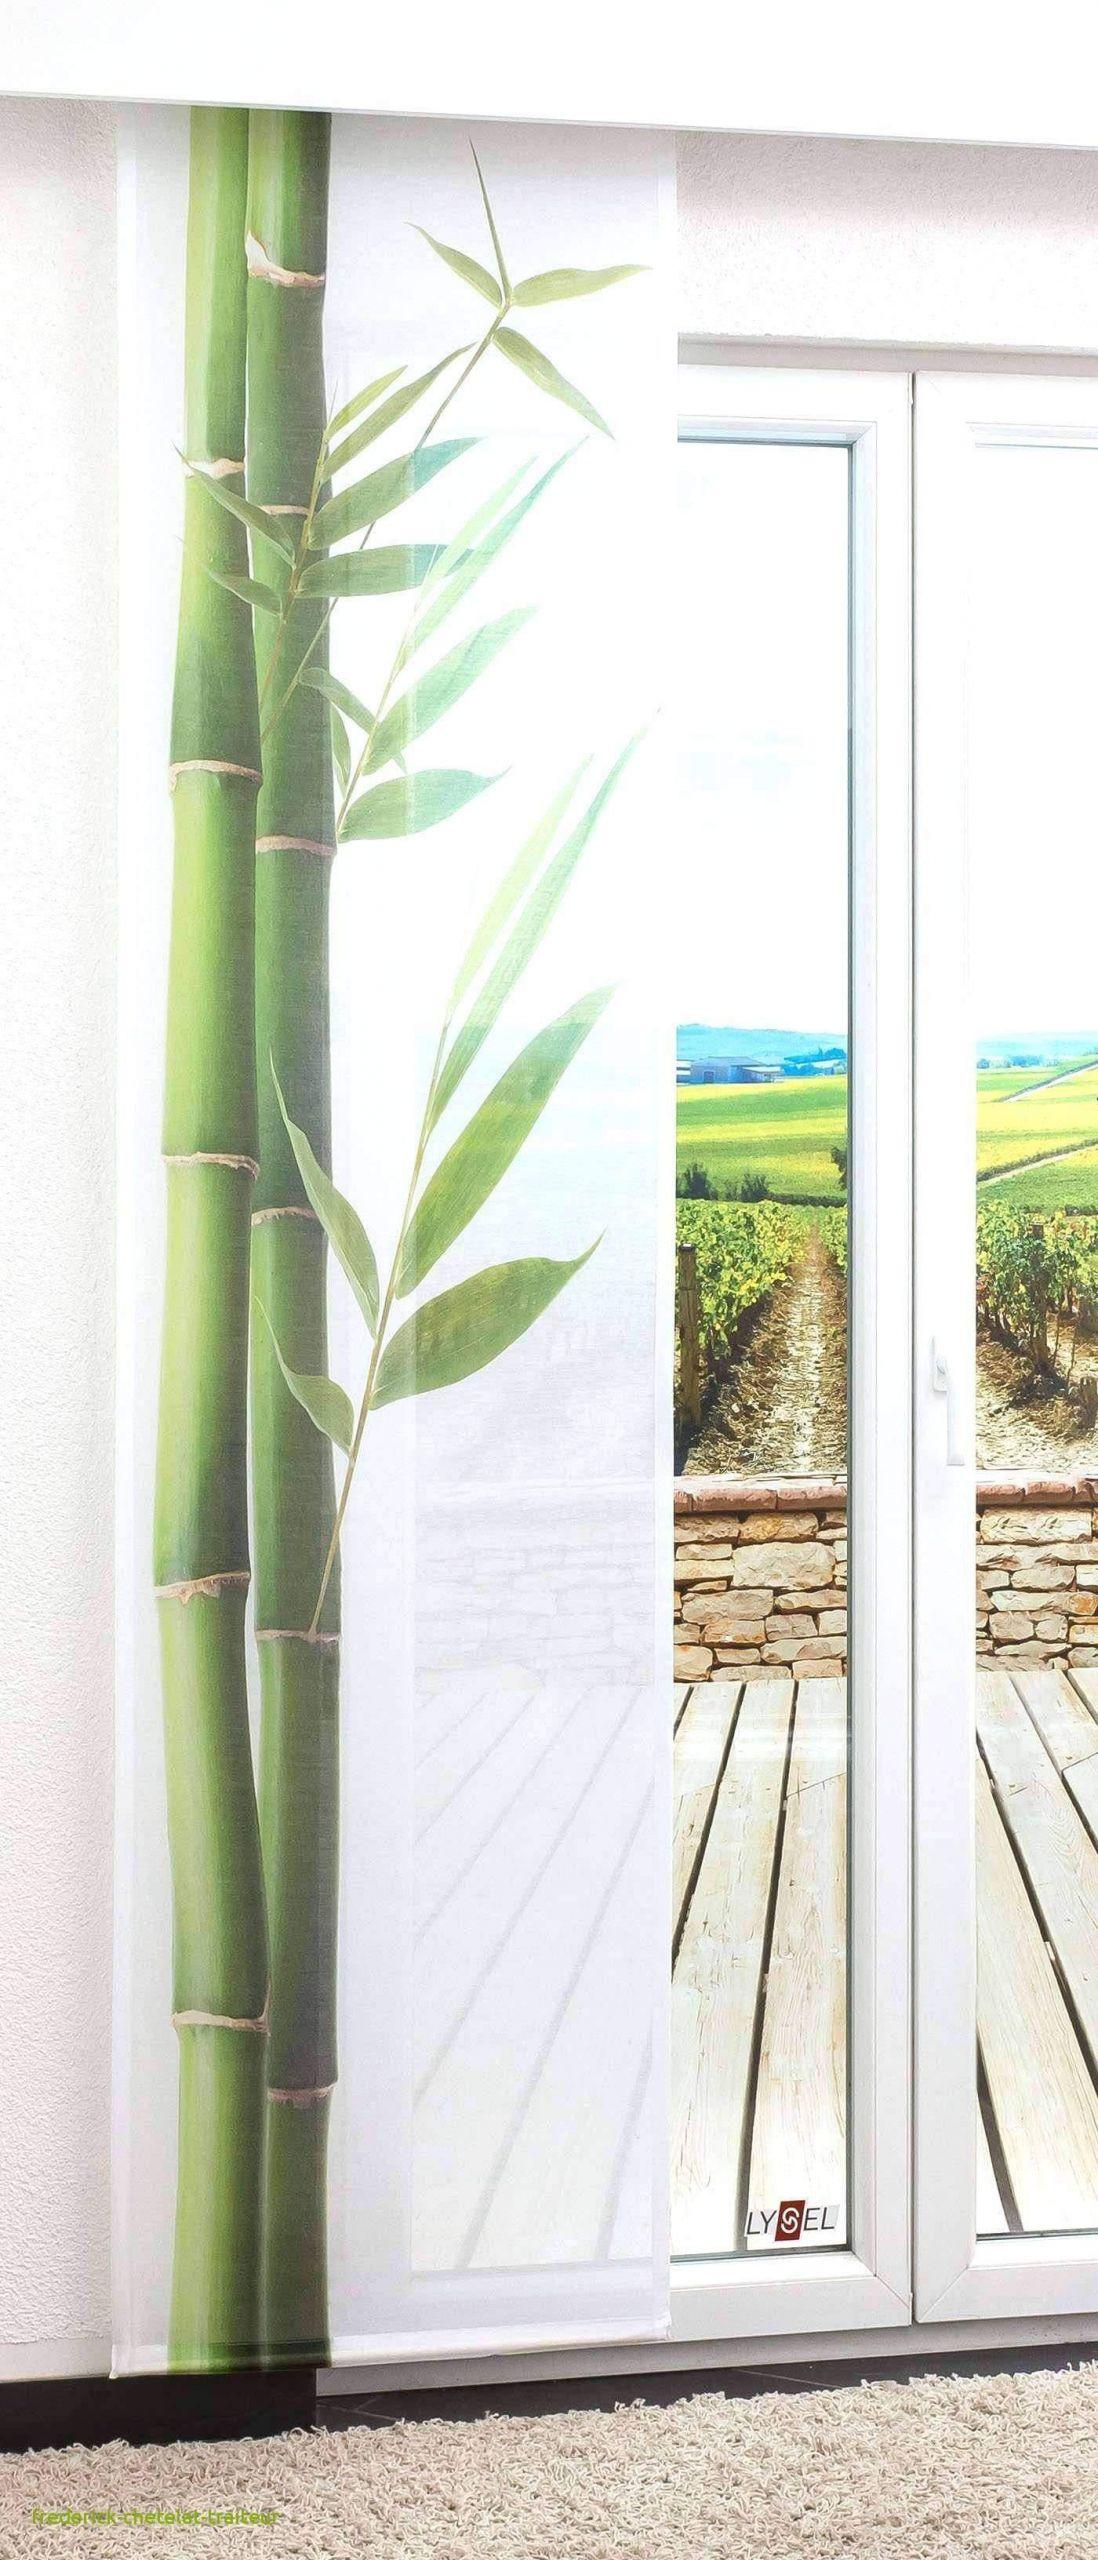 Metall Deko Für Garten Best Of 25 Elegant Schöne Wohnzimmer Luxus